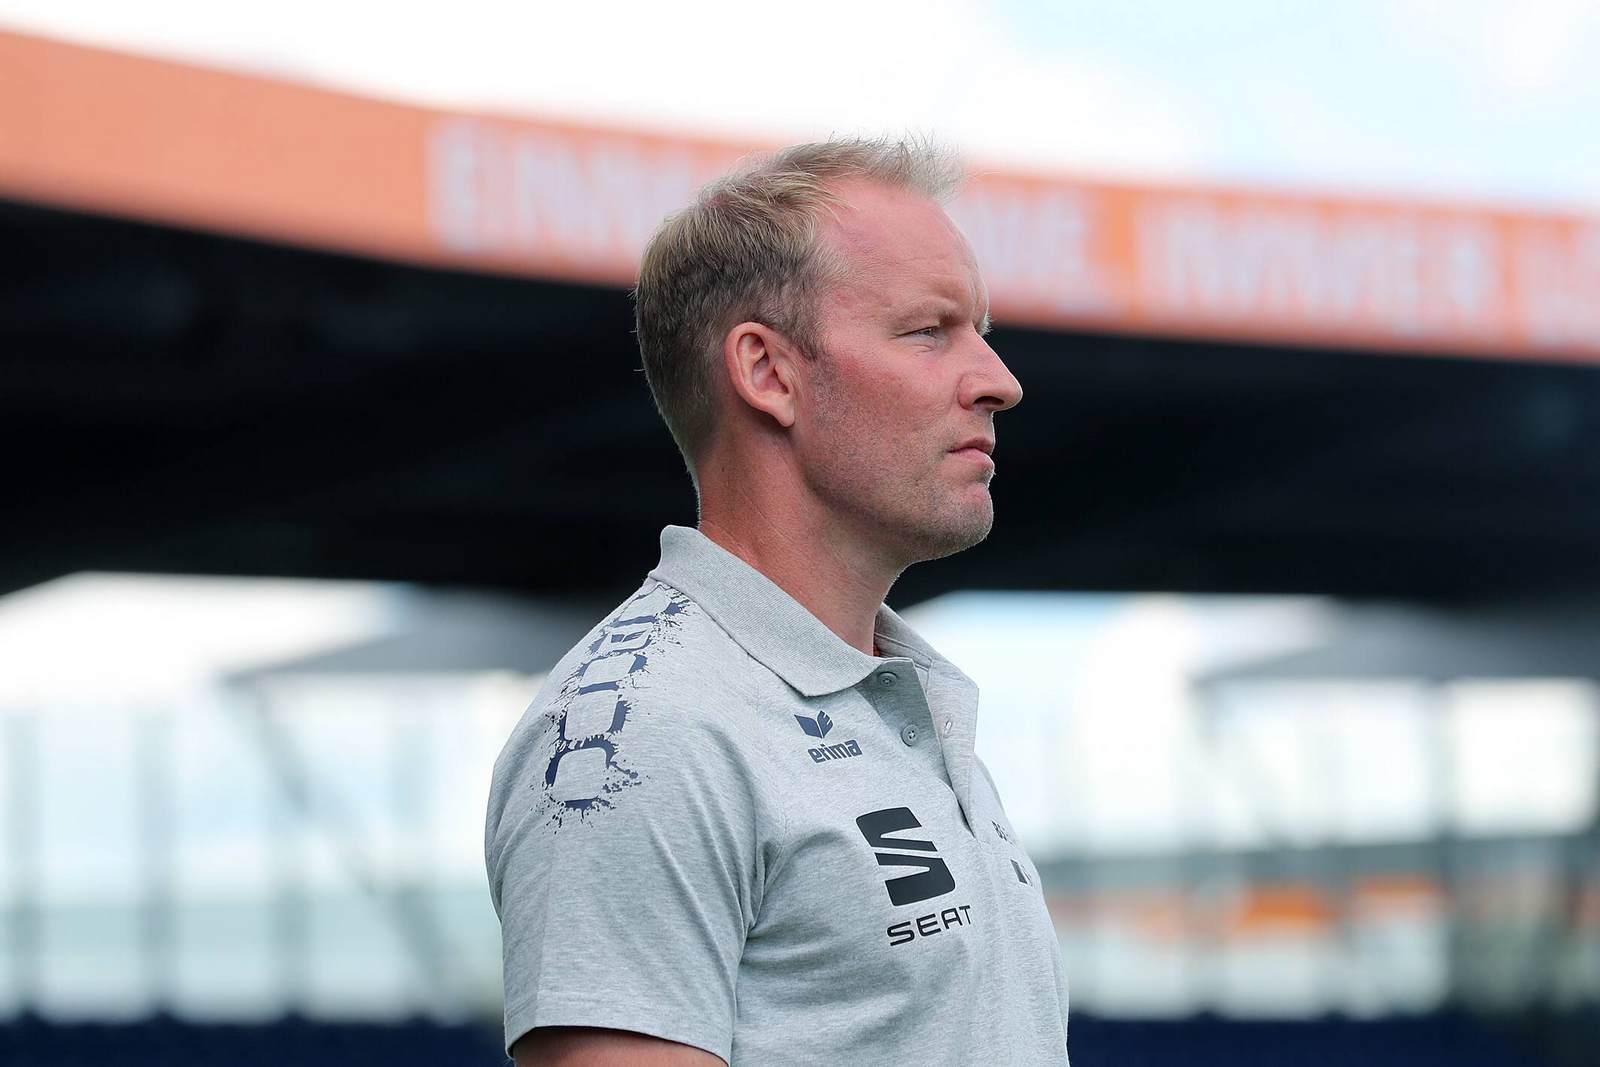 Henrik Pedersen im Eintracht Stadion